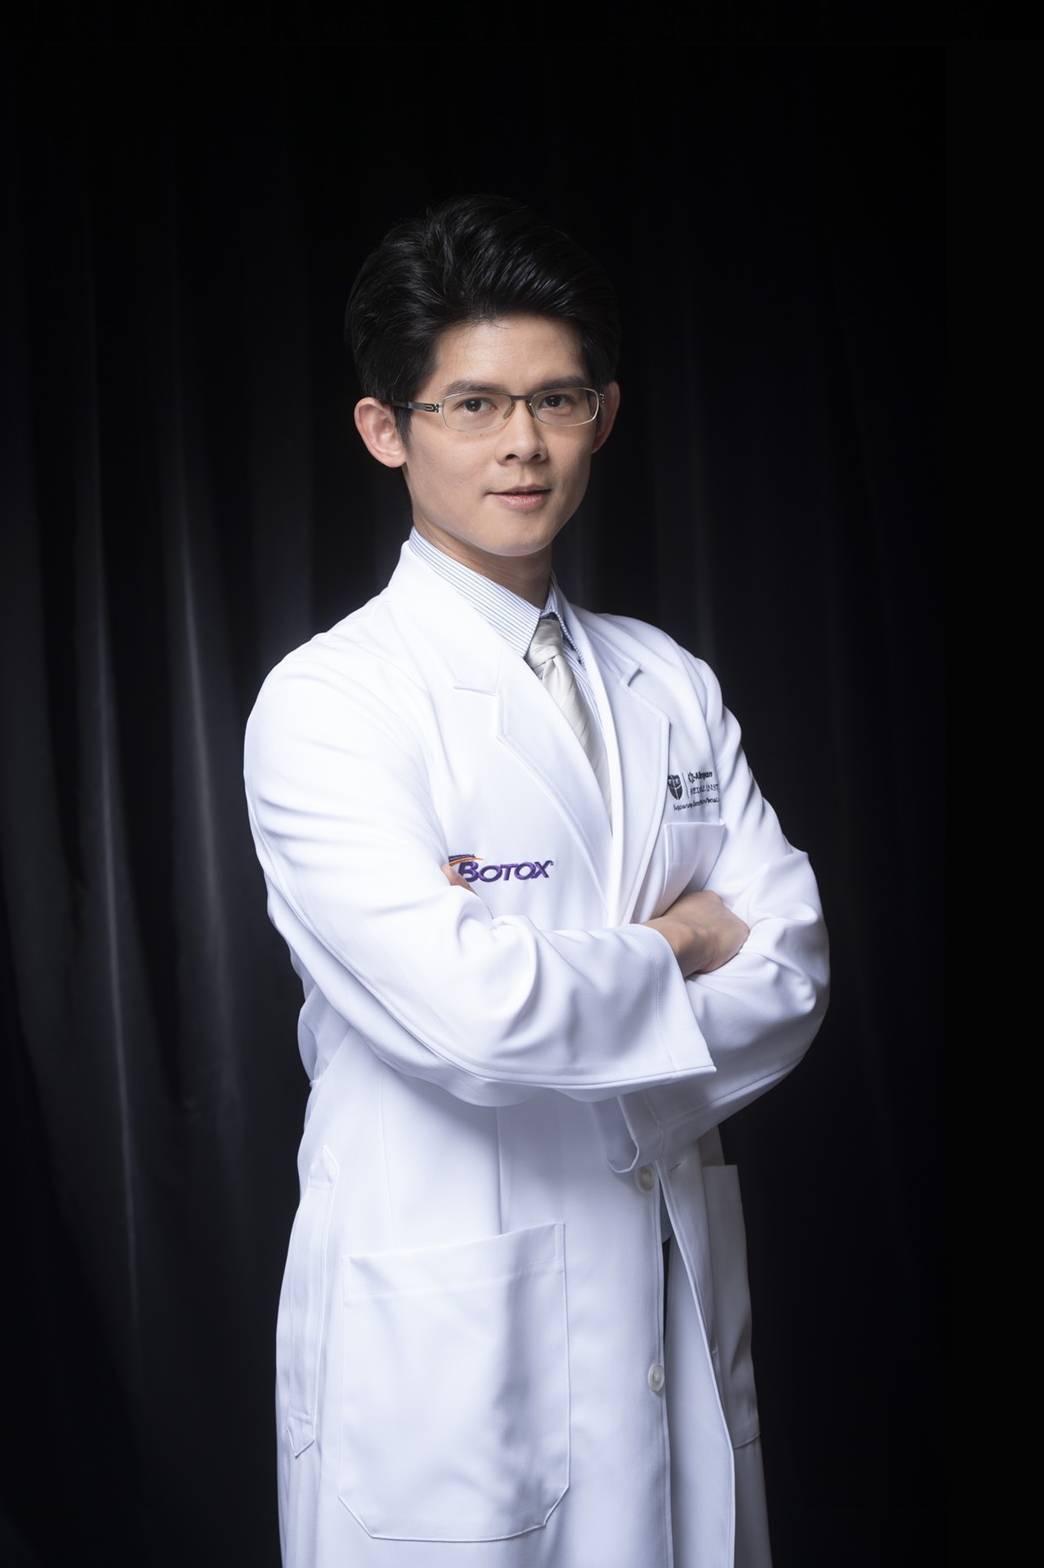 黃千耀黃禎憲皮膚科診所主治醫師 圖╱黃千耀提供